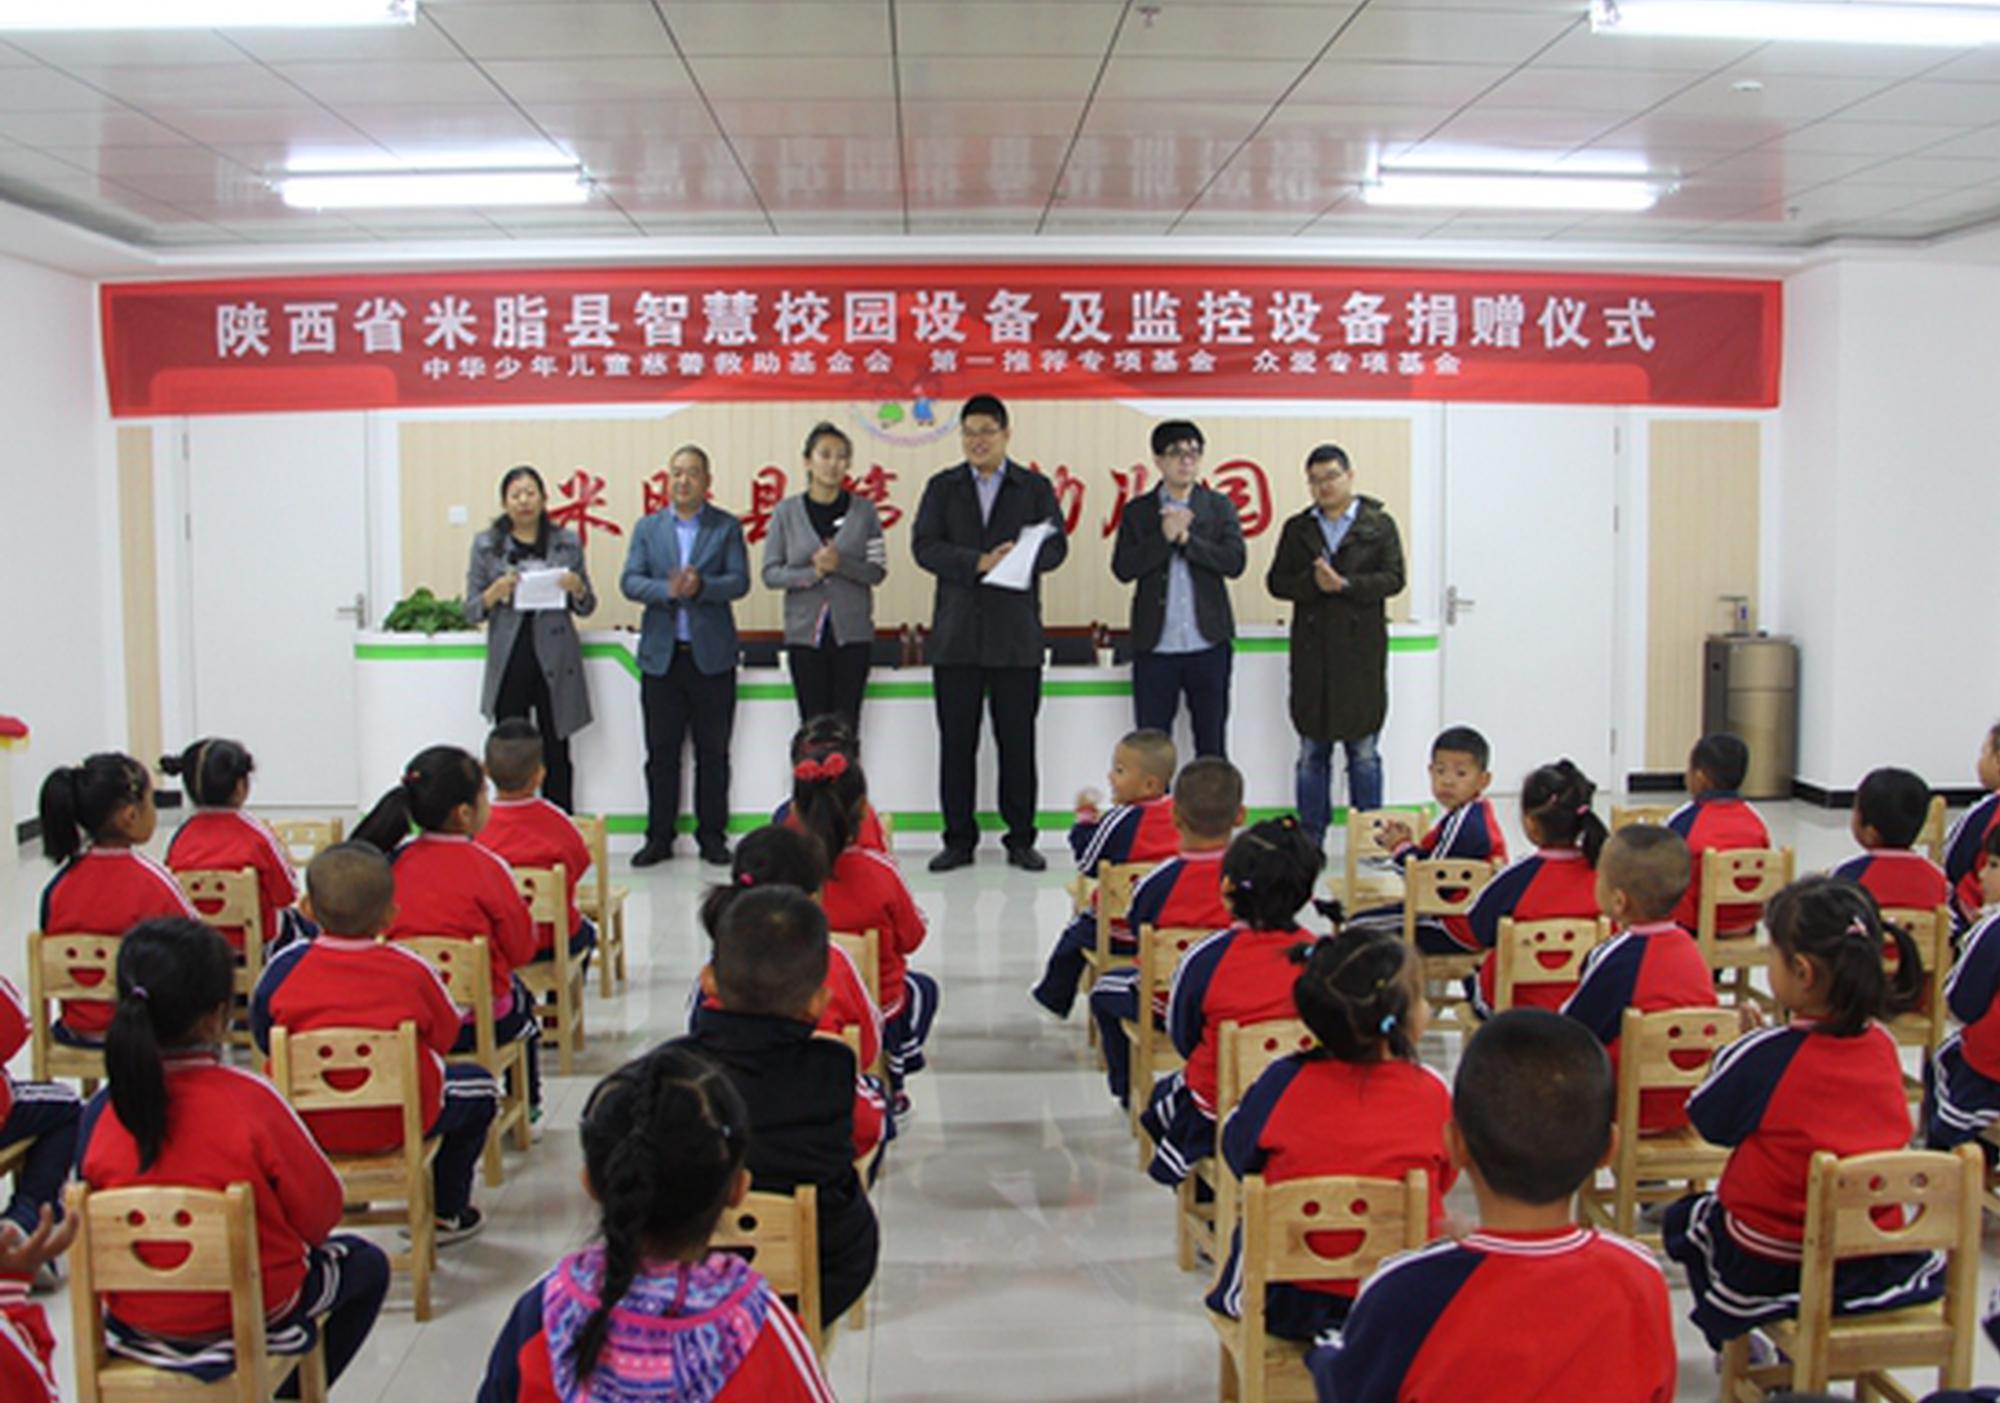 米脂县举行智慧校园设备捐赠仪式